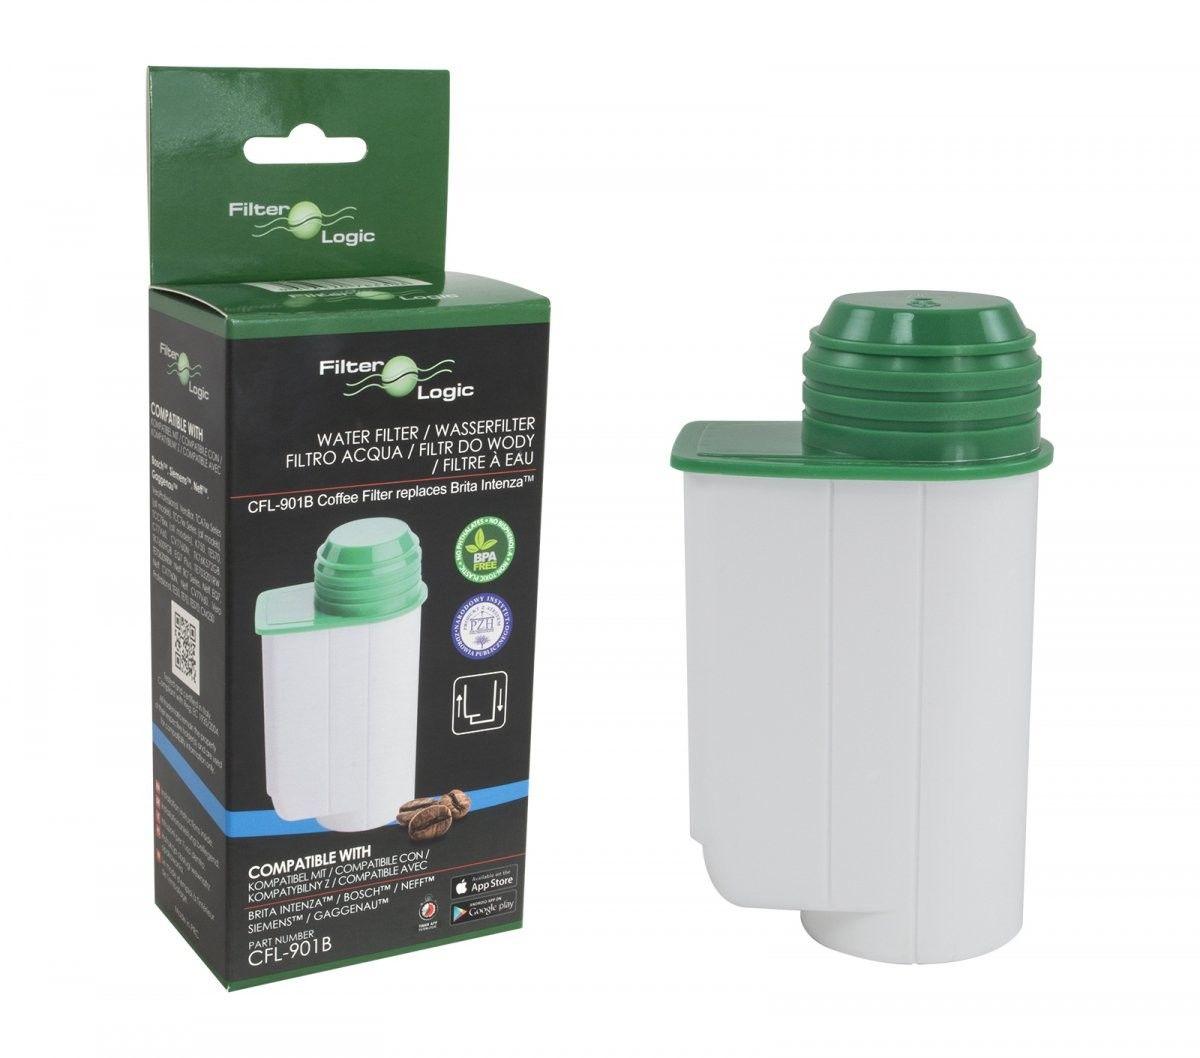 Filtr wody Brita Intenza+ CA6702 ekspresu do kawy, ekspresu kapsułkowego, ekspresu kolbowego FilterLogic